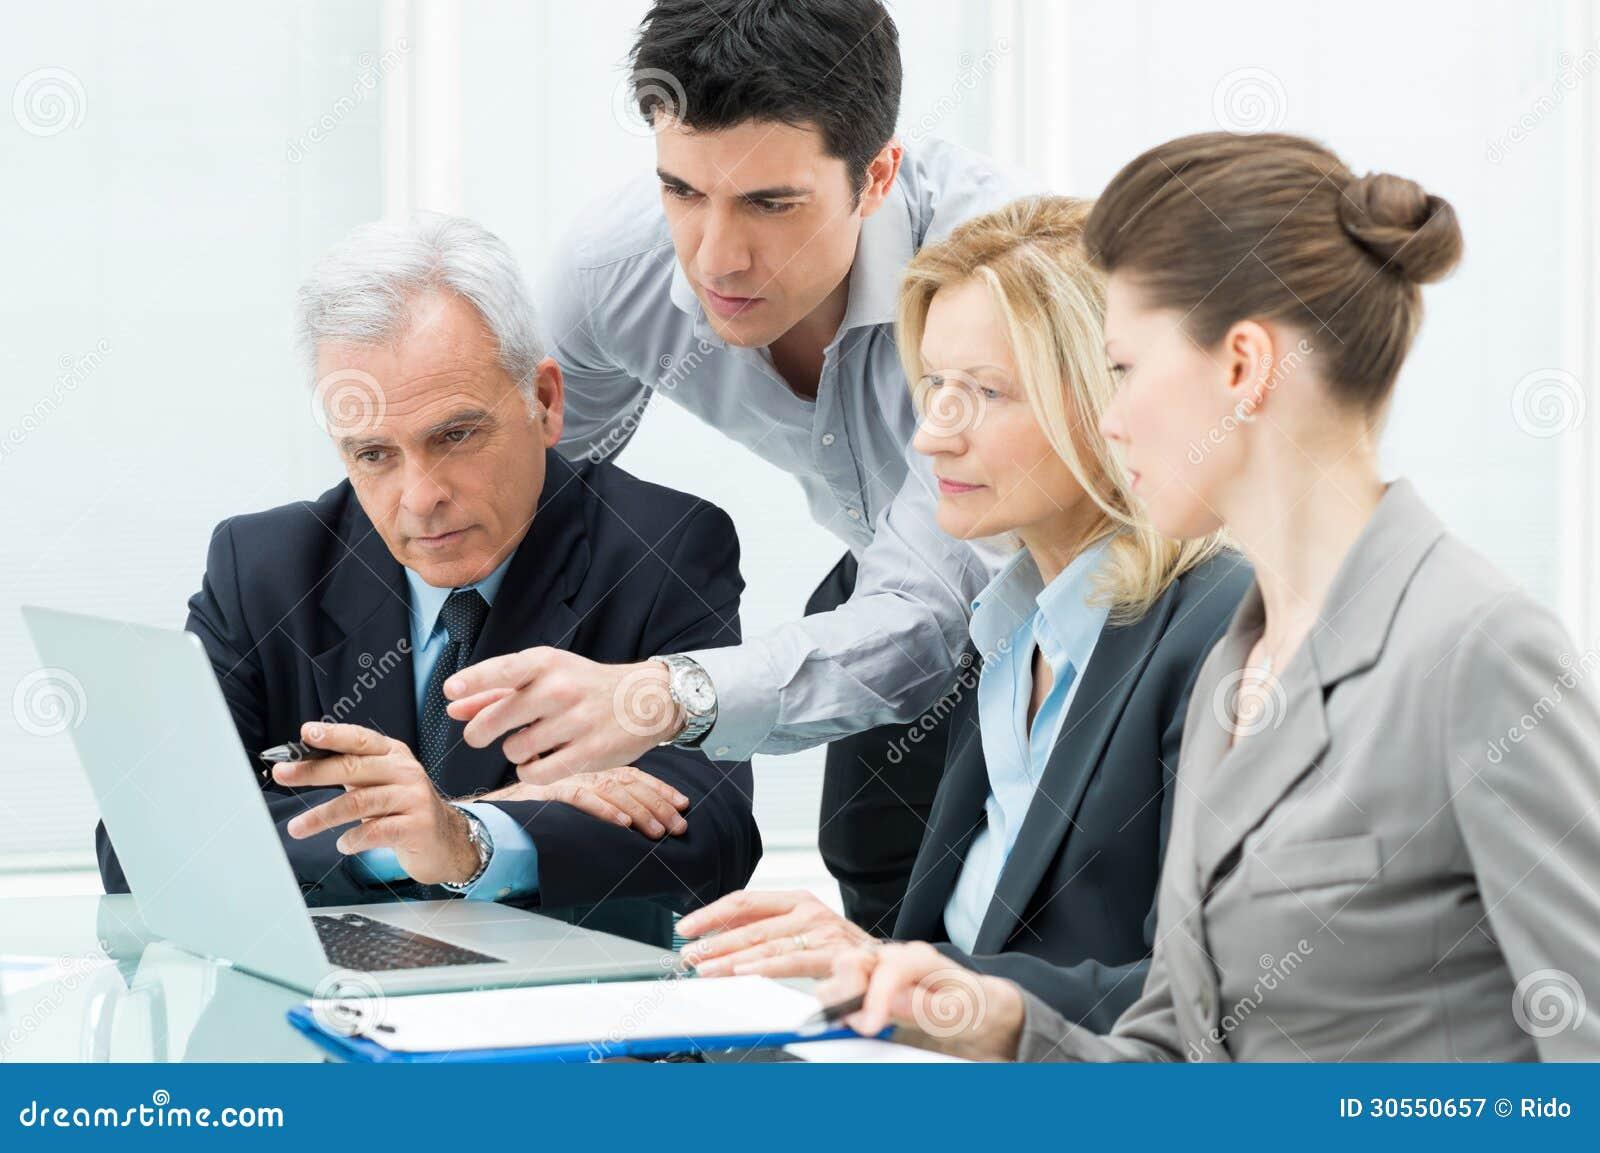 Что выбрать работа руководителем или свой бизнес